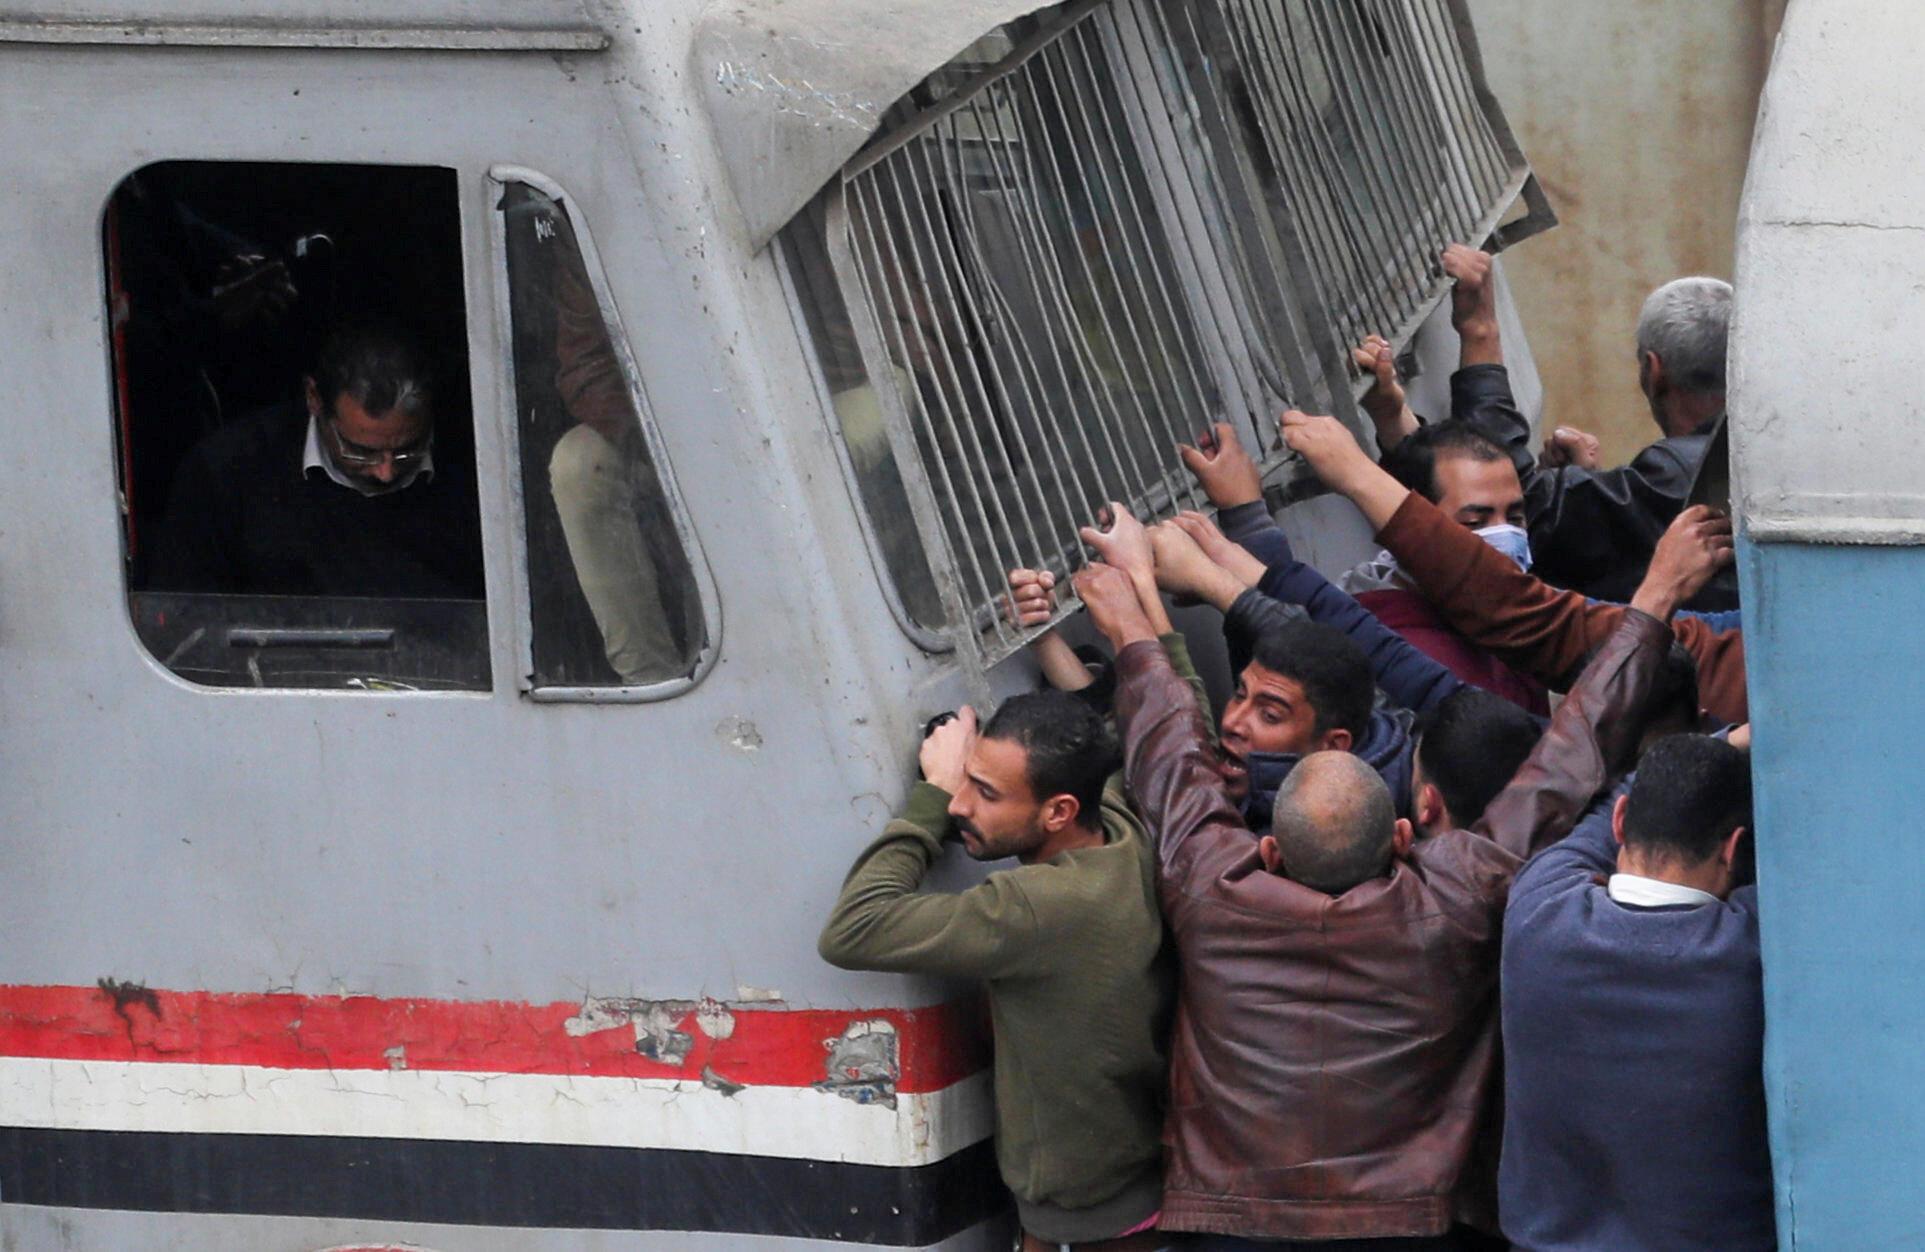 Переполненный поезд в пригороде Каира, Египет. 26 марта 2020